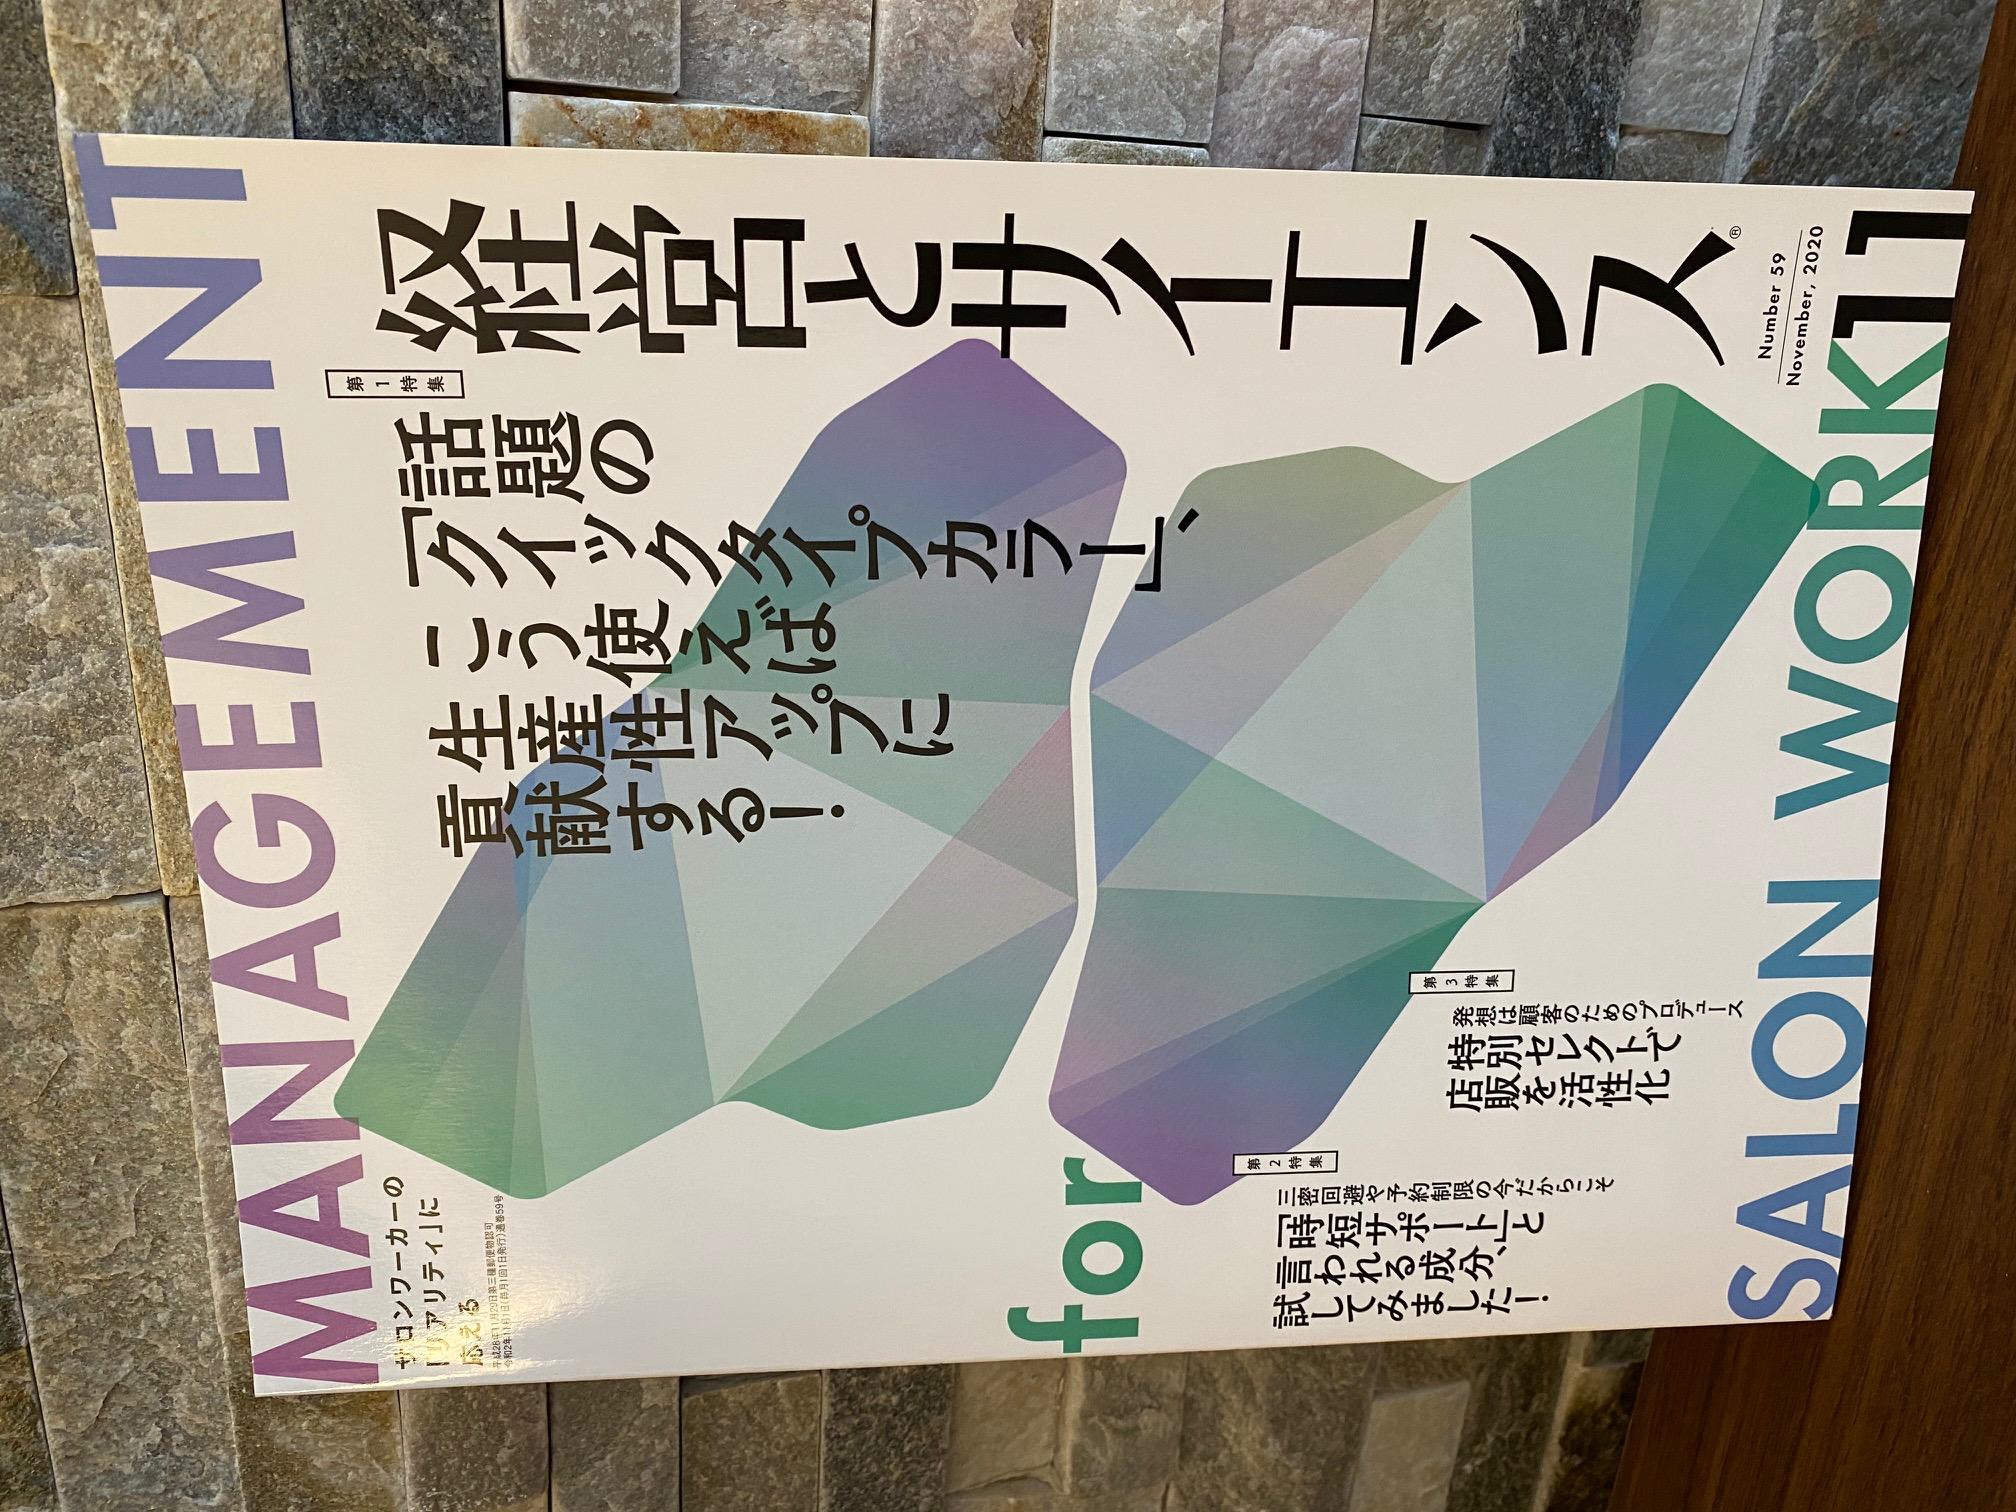 201019_ShinbiyouKeieiAndScience_S-100.jpg